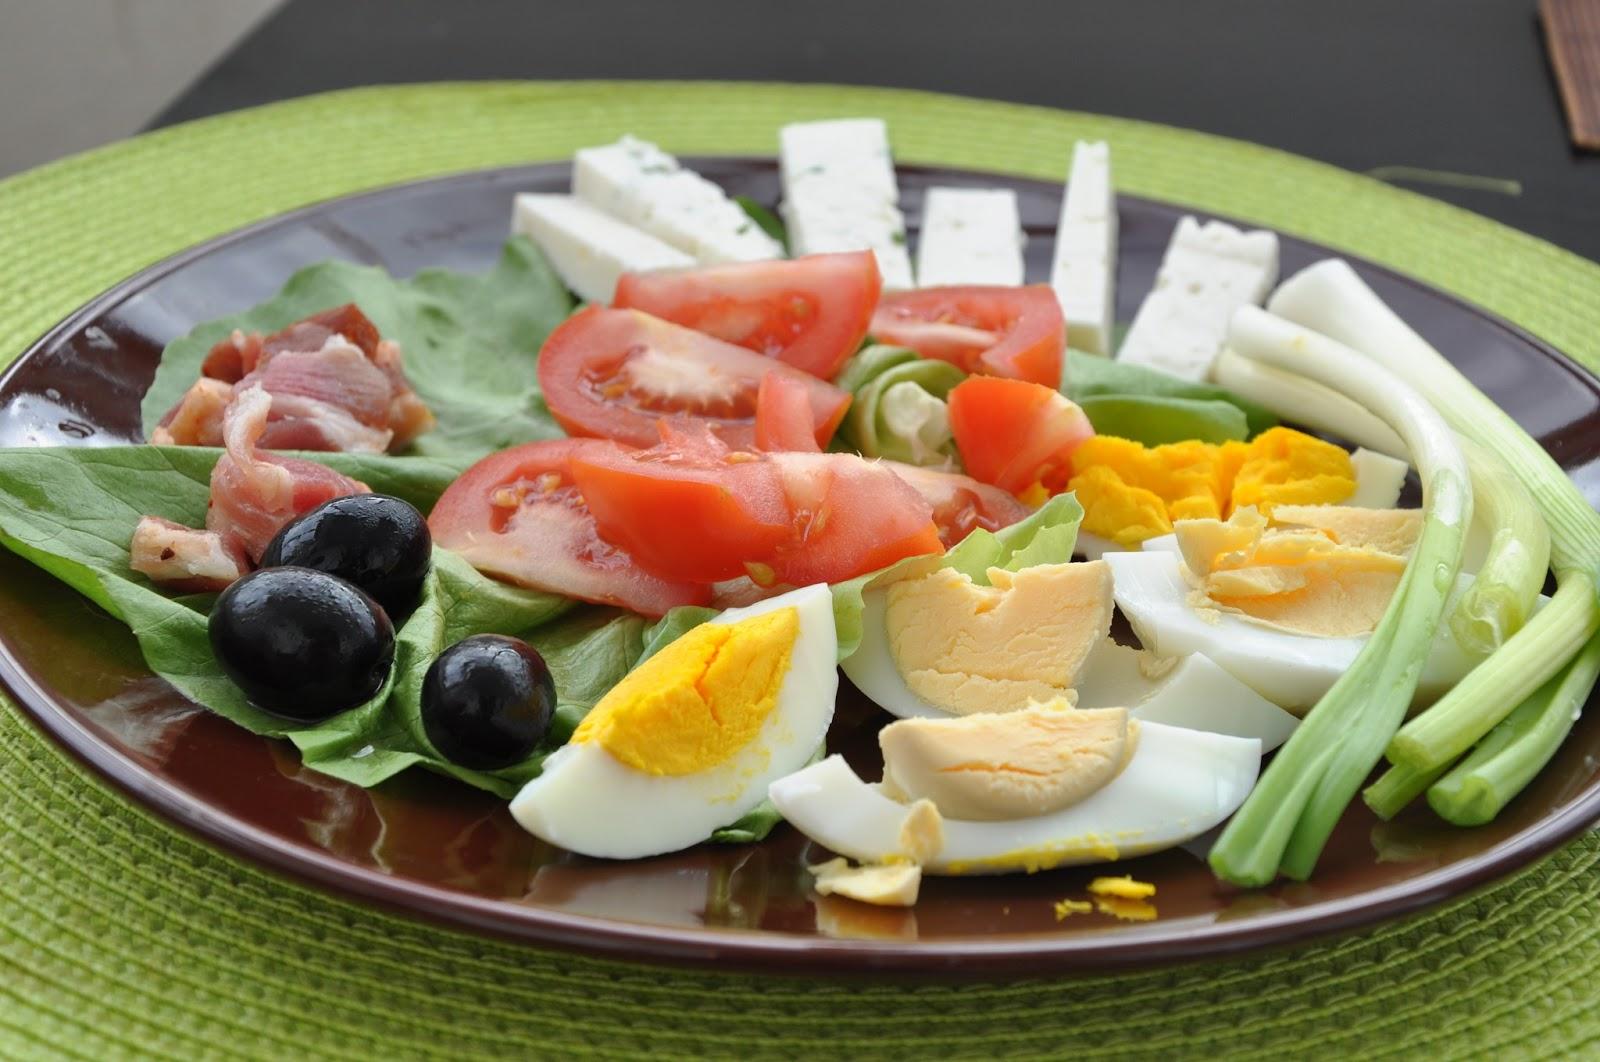 Mic dejun - Atlas Culinar - Retete dieta keto fara carbohidrati si zahar